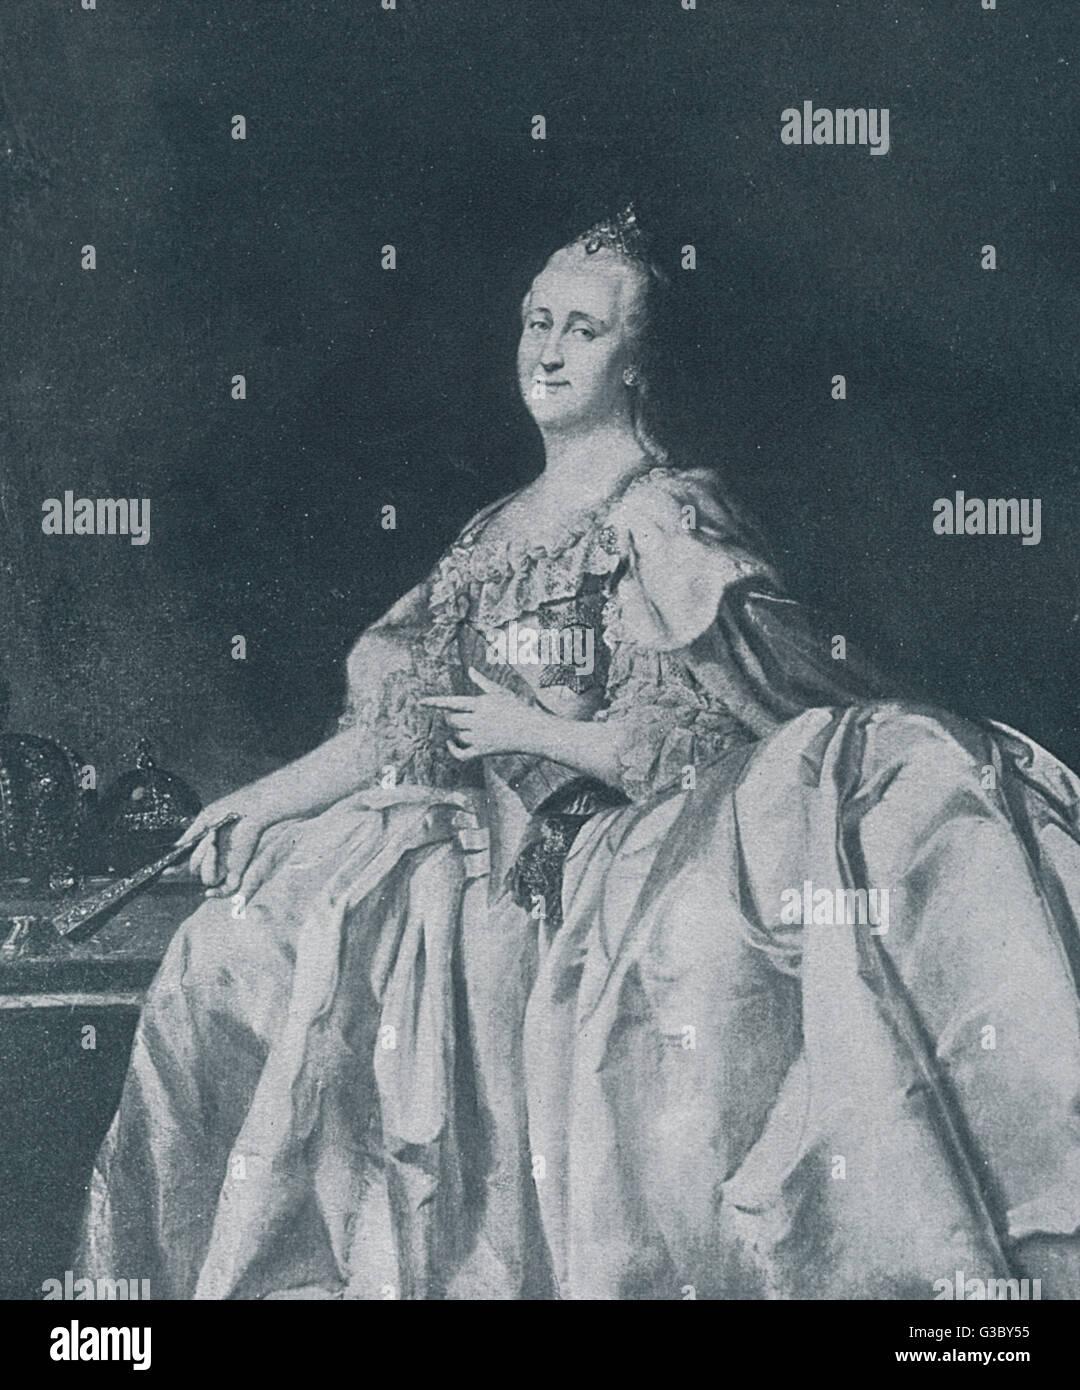 Yekaterina Alexeevna oder Catherine II, auch bekannt als Katharina die große von Russland (1729-1796, regierte 1762-1796).      Datum: 18. Jahrhundert Stockfoto